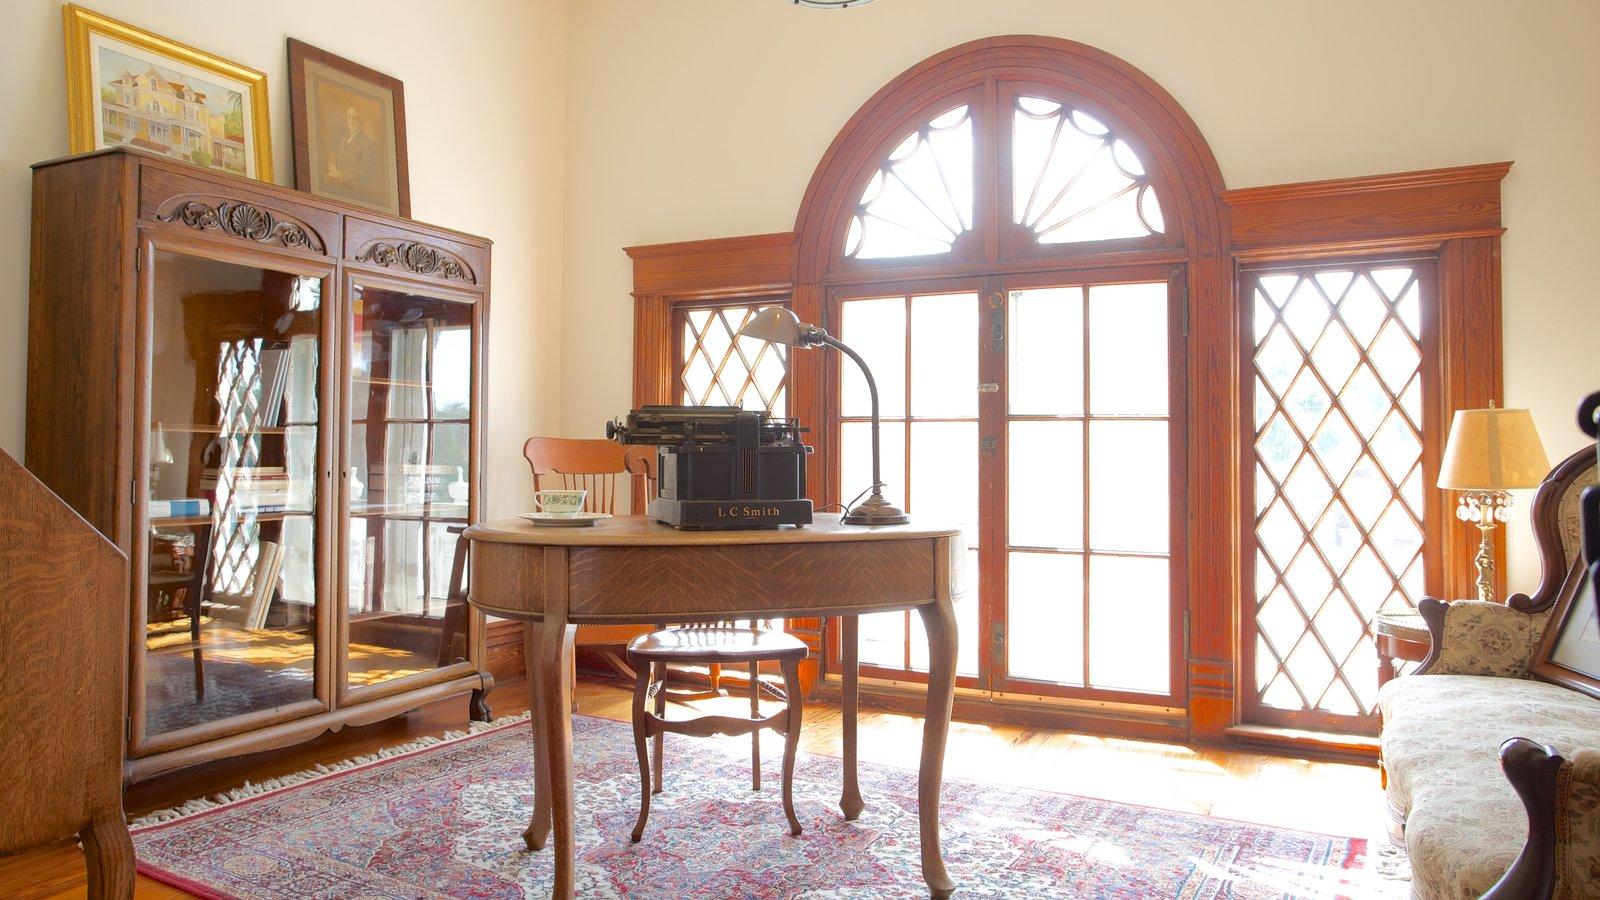 Burroughs Home que inclui vistas internas e uma casa